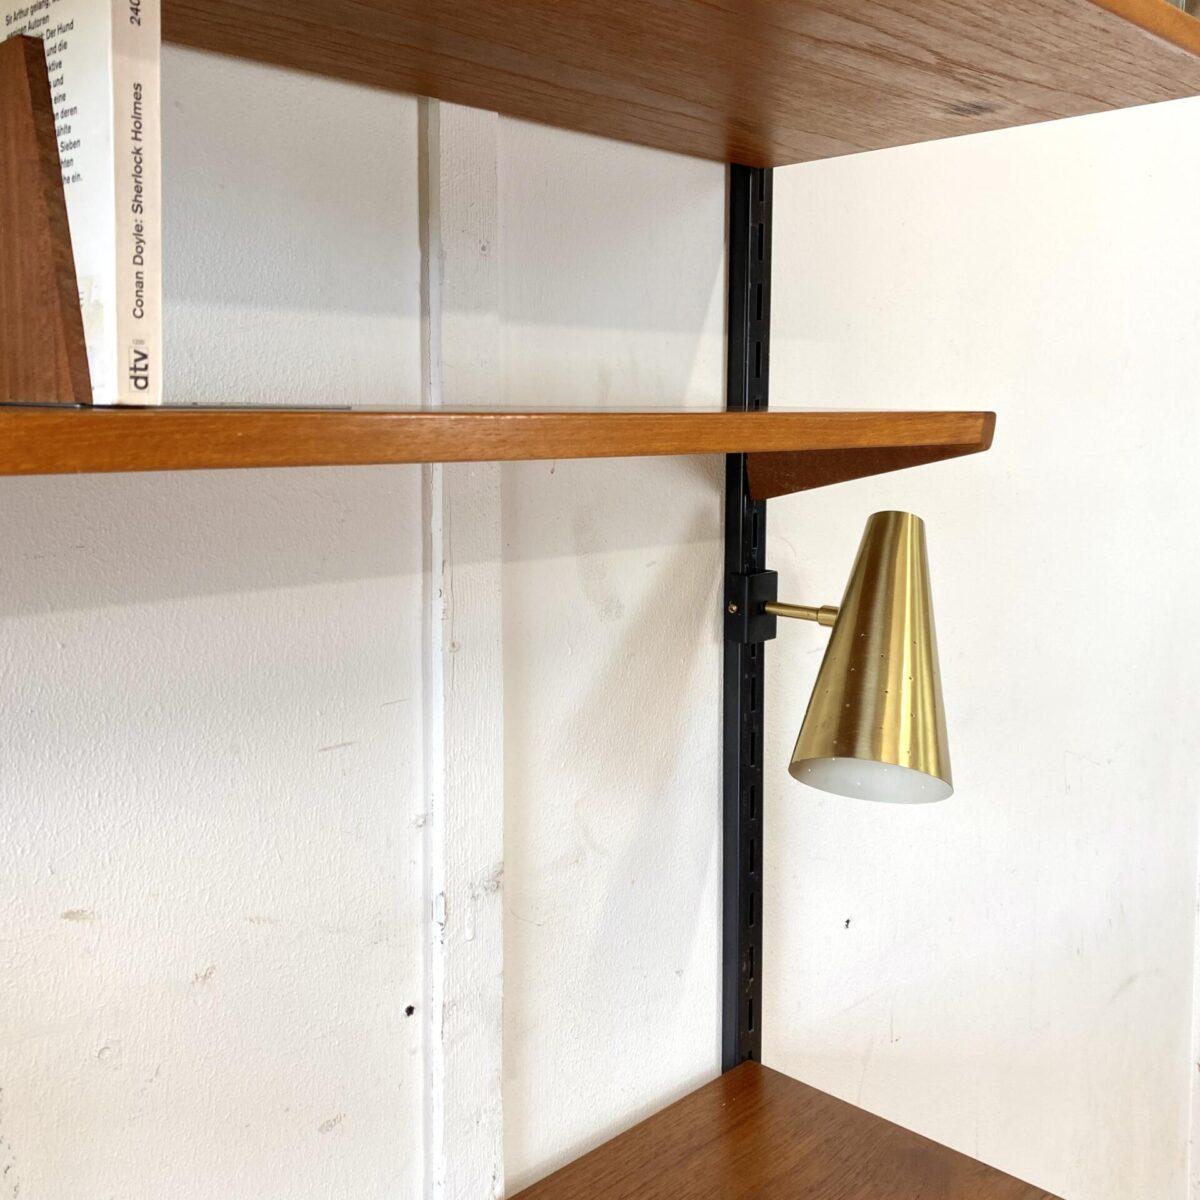 Deuxieme.shop midcentury teak Wall Unit made in denmark. 60er Jahre Teak Wandregal von Kai Kristiansen für FM Møbler. Tablare und Korpis sind Höhenverstellbar, das Schreibtisch Element hat zwei Schubladen. Daneben ein abschliessbarer Korpus mit Klappe und Schubladen. Oberschrank mit Glas Schiebetüren. Die Schreibtischlampe wird an die Wandschiene geklemmt, tütenförmiger Messingschirm mit kleinen Löchern.